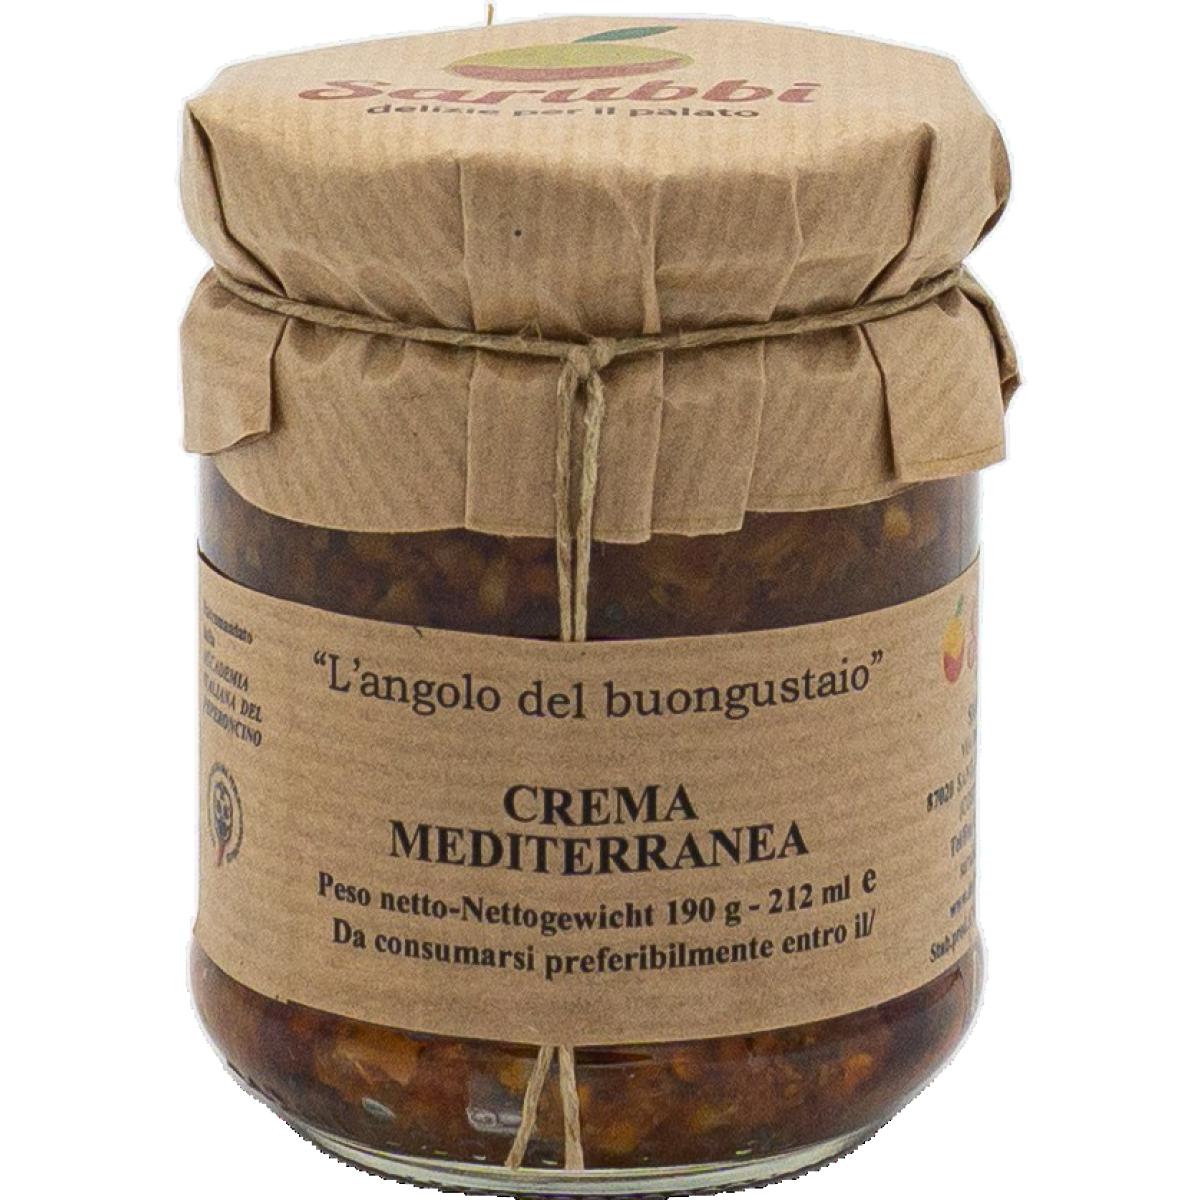 Paste Crema Mediterranea, PIK 7